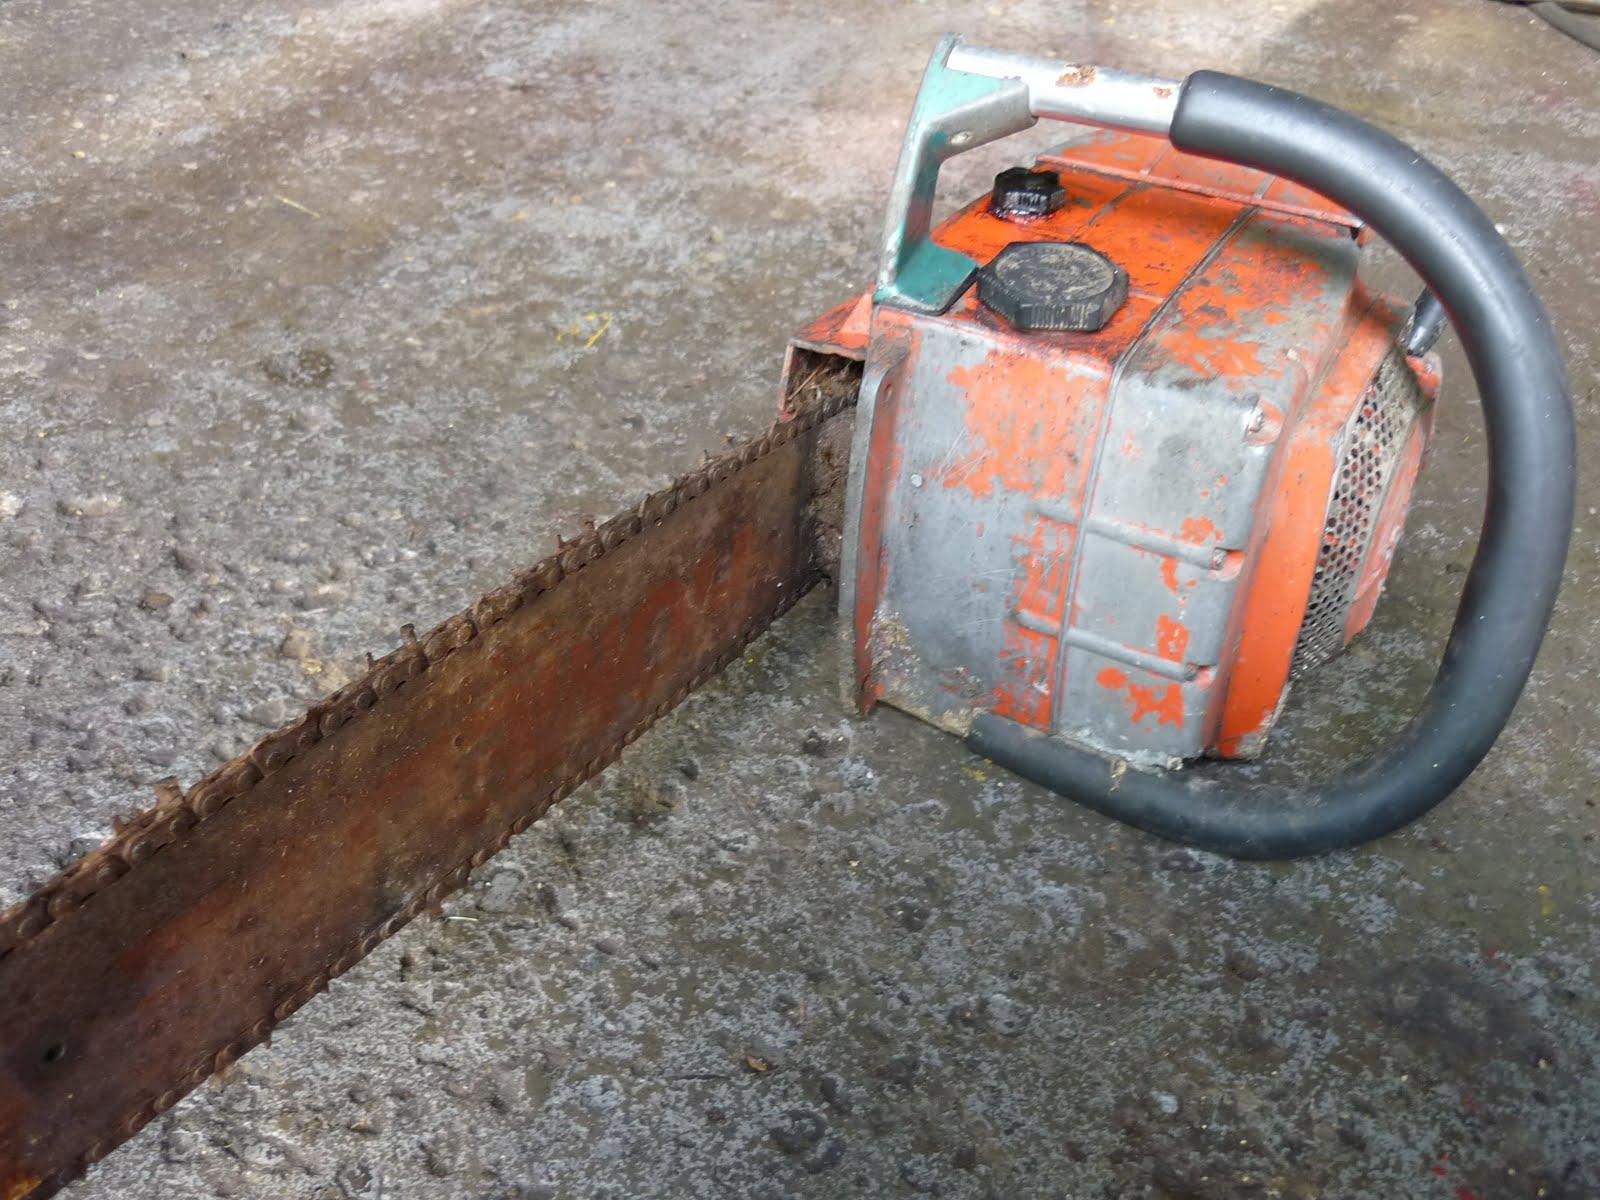 Homelite textron Xl chainsaw manual